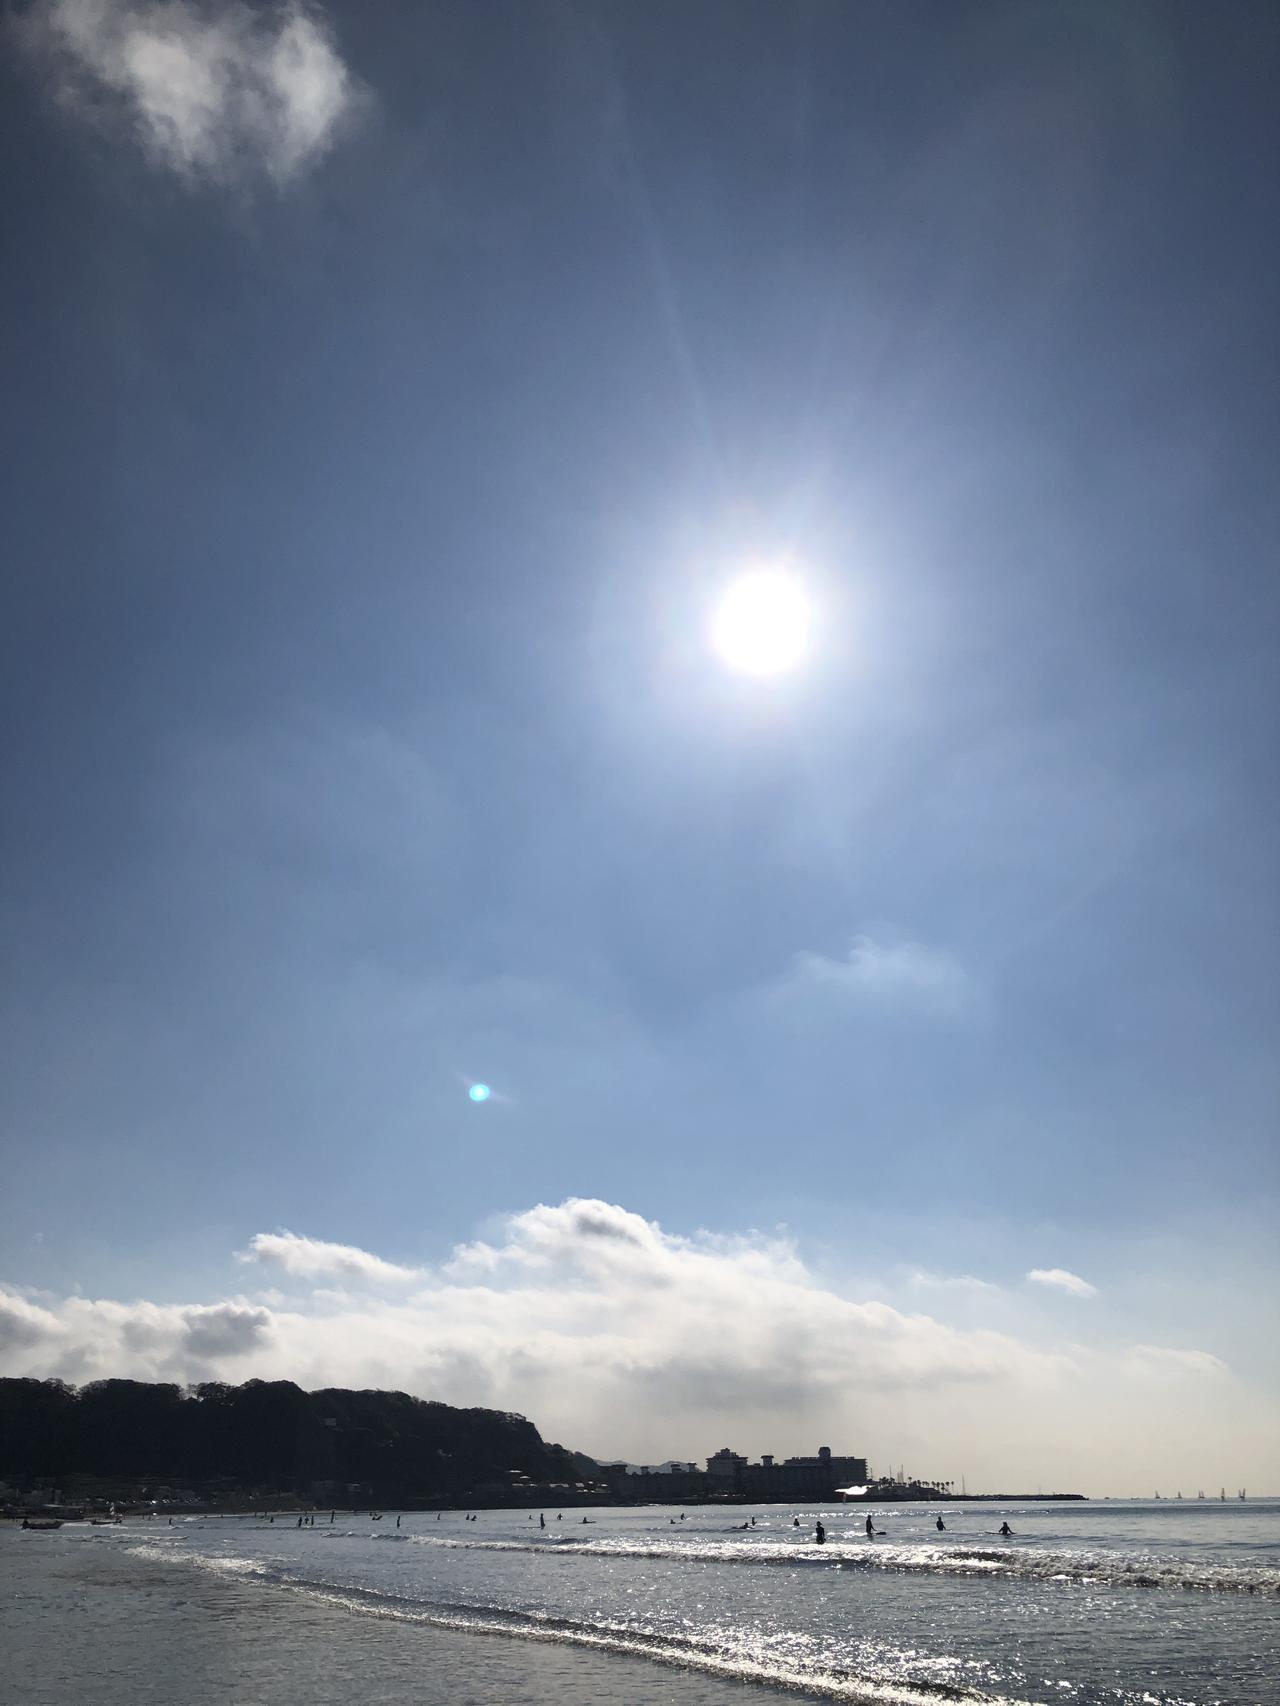 画像: 西田普の「本占い」あなたの運を開く言葉〜ほぼ365日 2月20日